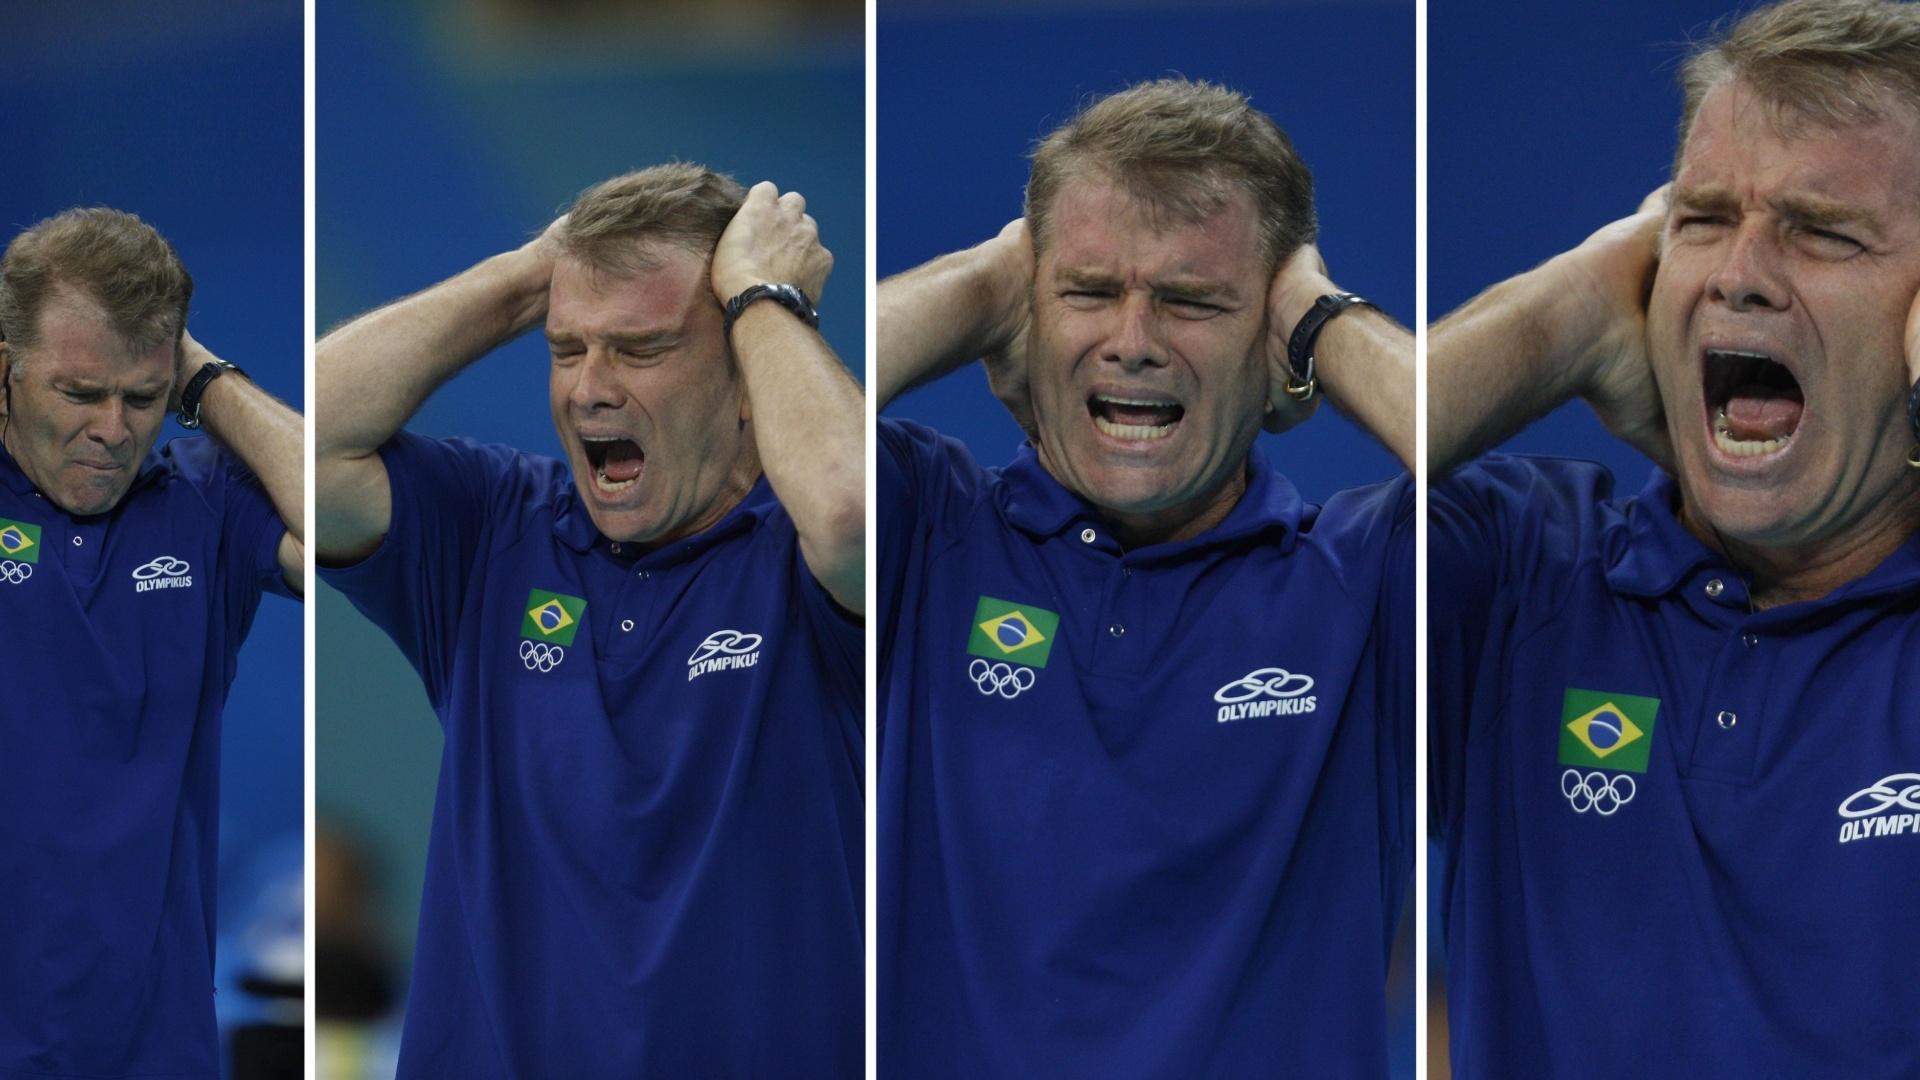 14.08.2008 - Sequência de fotos mostra reações de Bernardinho durante o jogo da seleção brasileira masculina de vôlei contra a Rússia pelos Jogos Olímpicos de Pequim